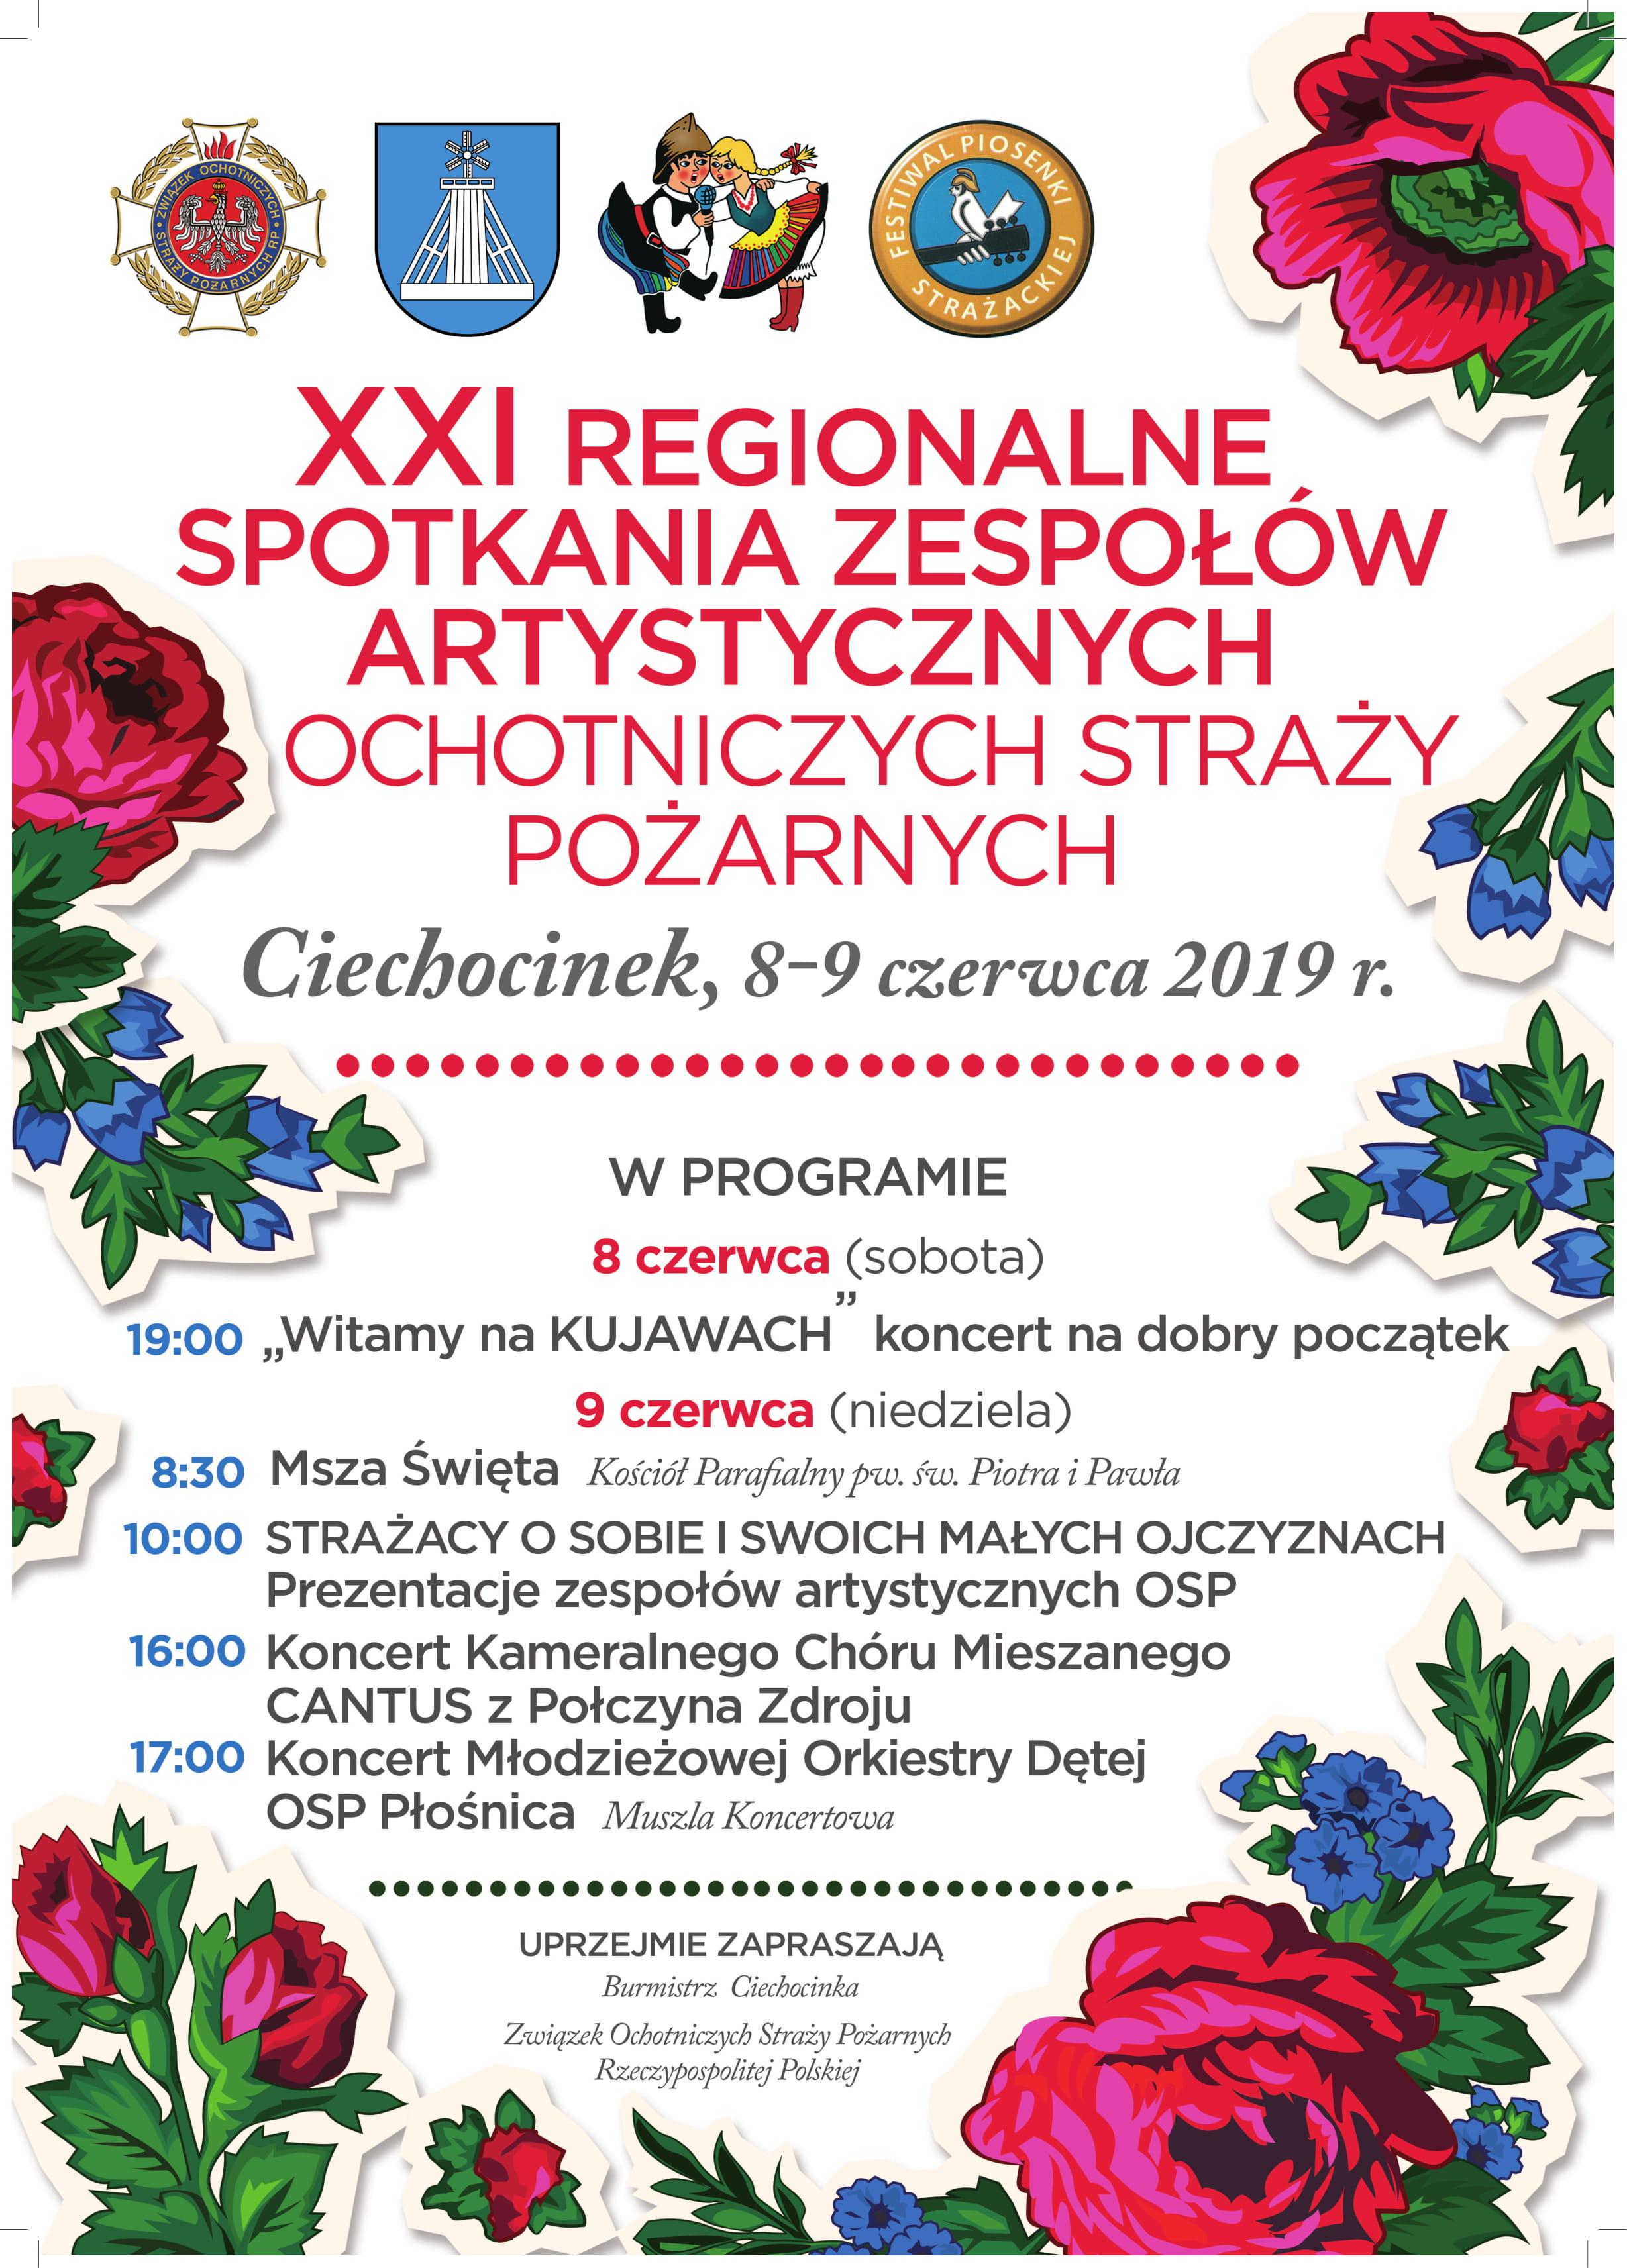 XI Regionalne Spotkania Zespołów Artystycznych OSP